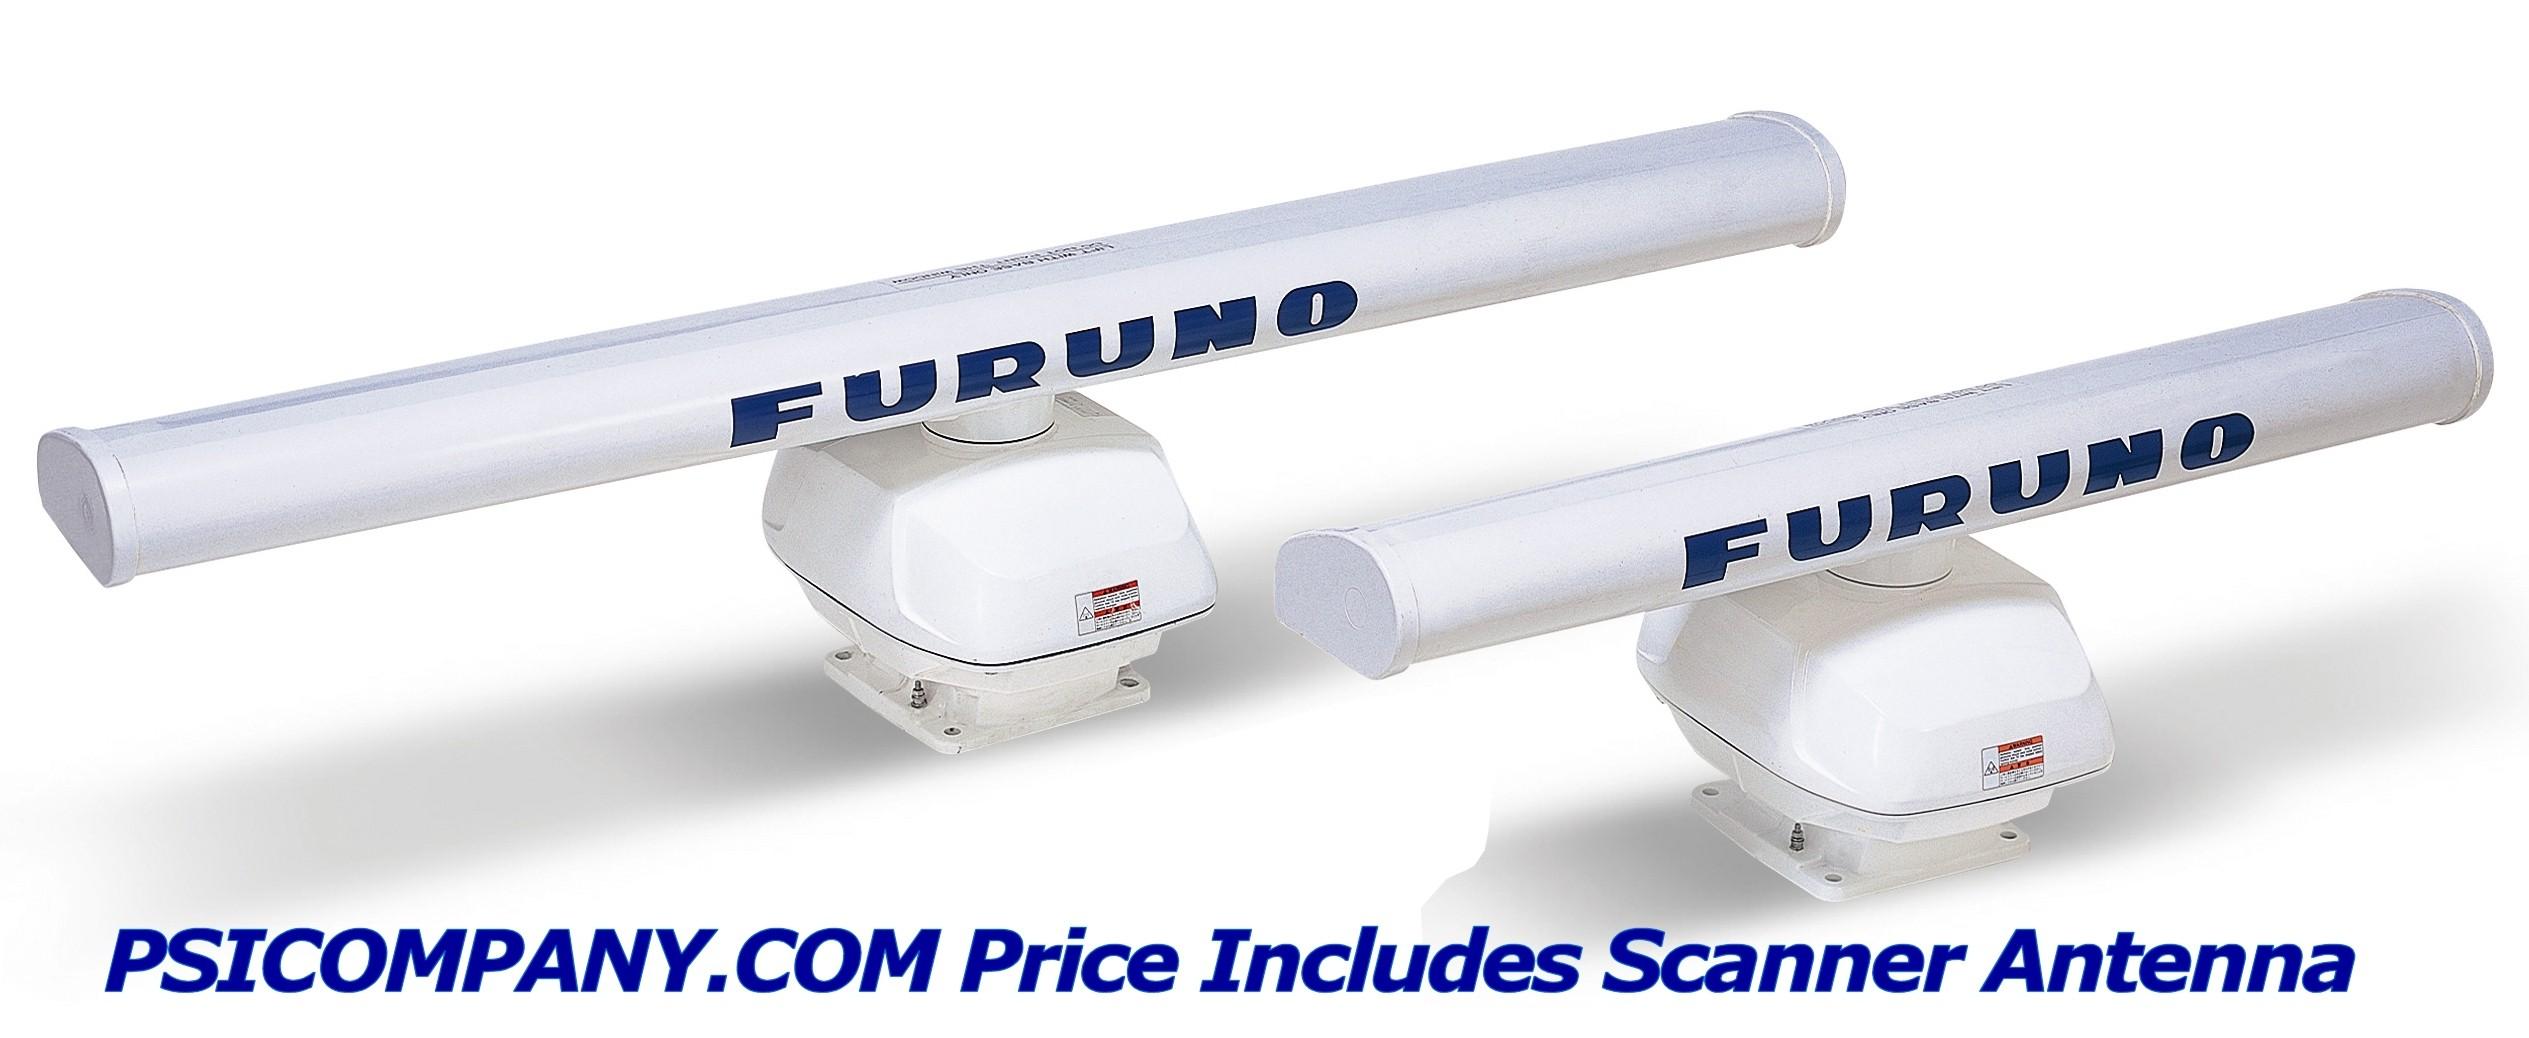 Furuno DRS12A Radar Sensor with 4' Antenna, Made for Navnet 3D Price